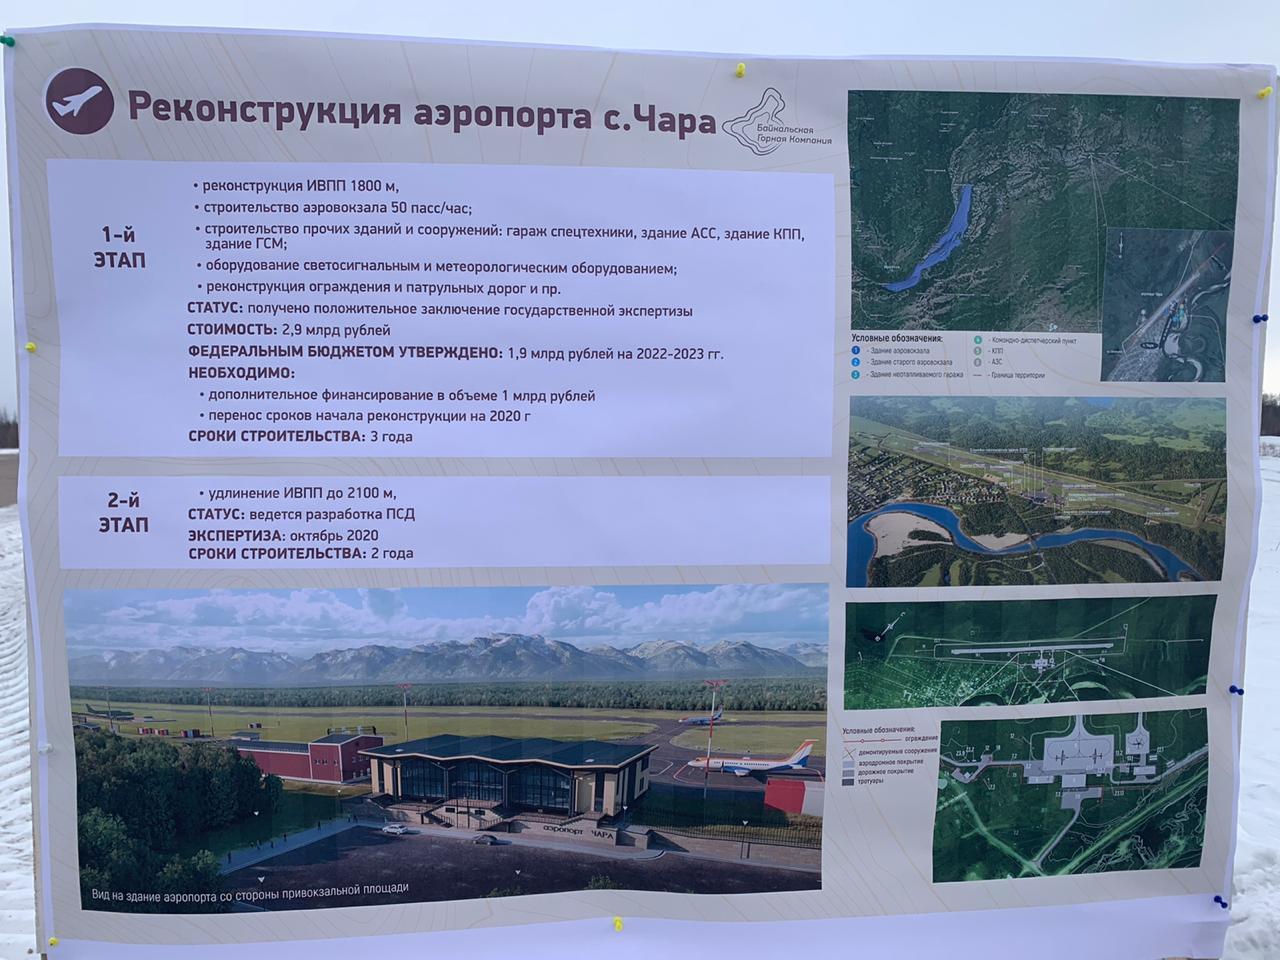 Проект реконструкции аэропорта в Чаре прошел госэкспертизу